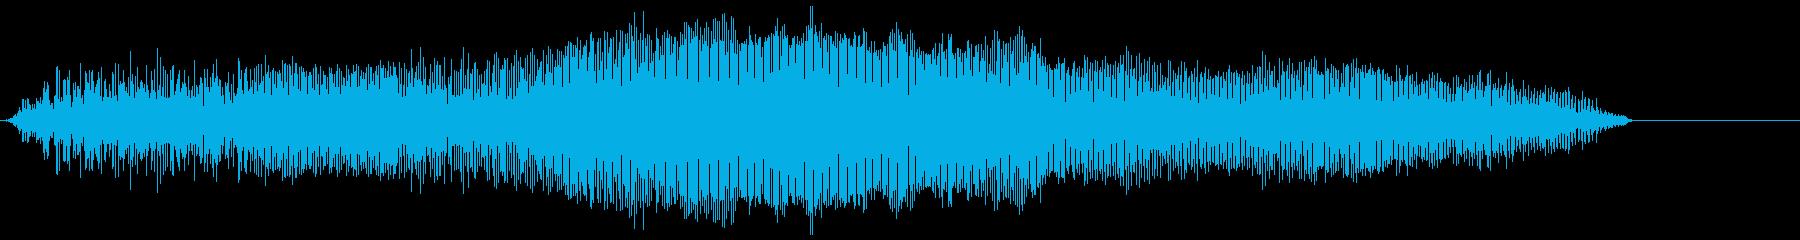 モンスターローグロール1の再生済みの波形